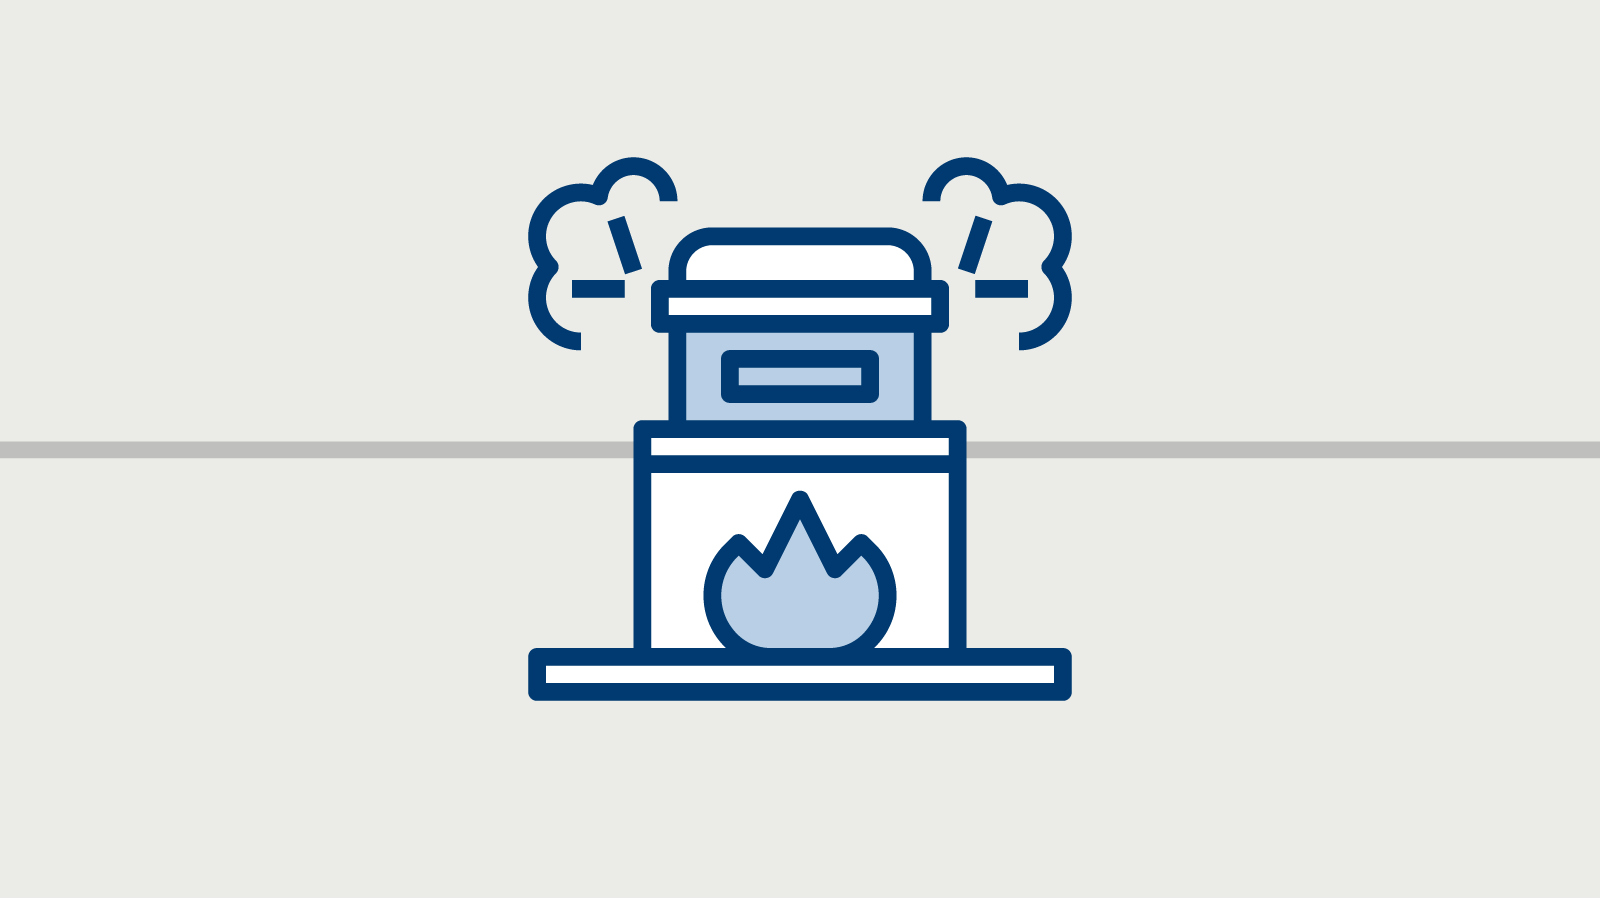 Ein Icon zeigt eine Einäscherungsanlage.